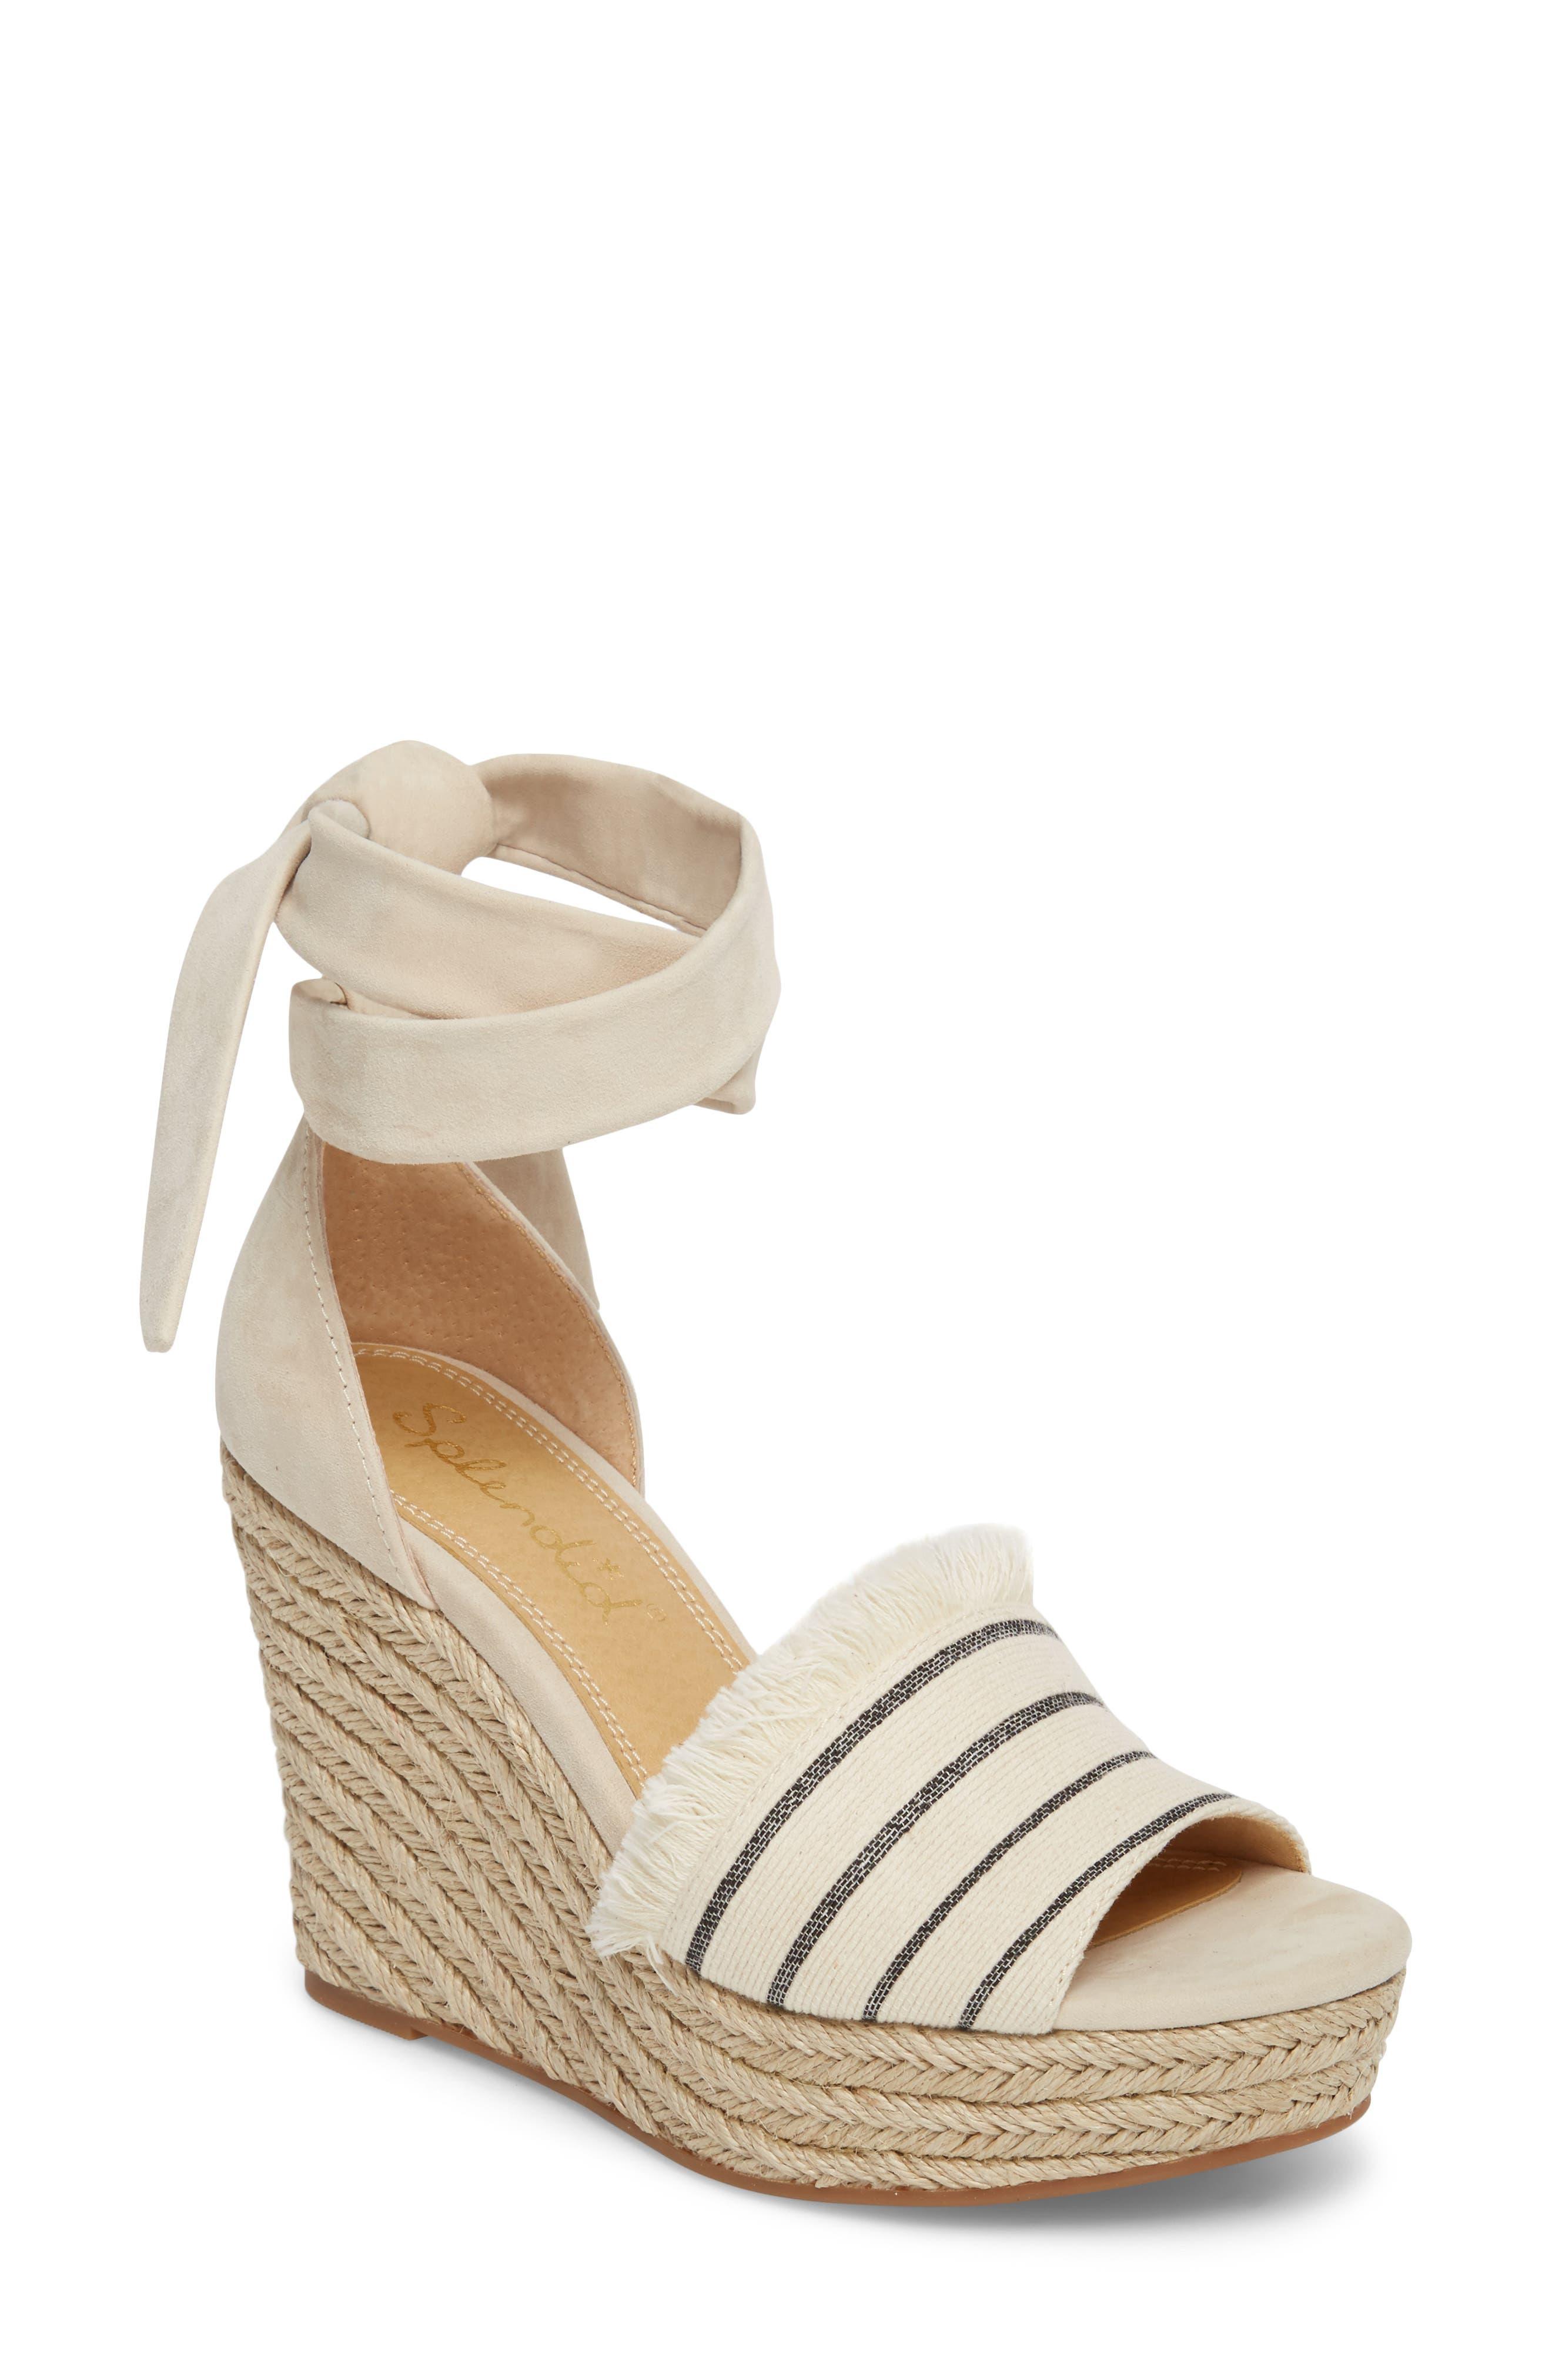 Main Image - Splendid Barke Fringed Platform Wedge Sandal (Women)